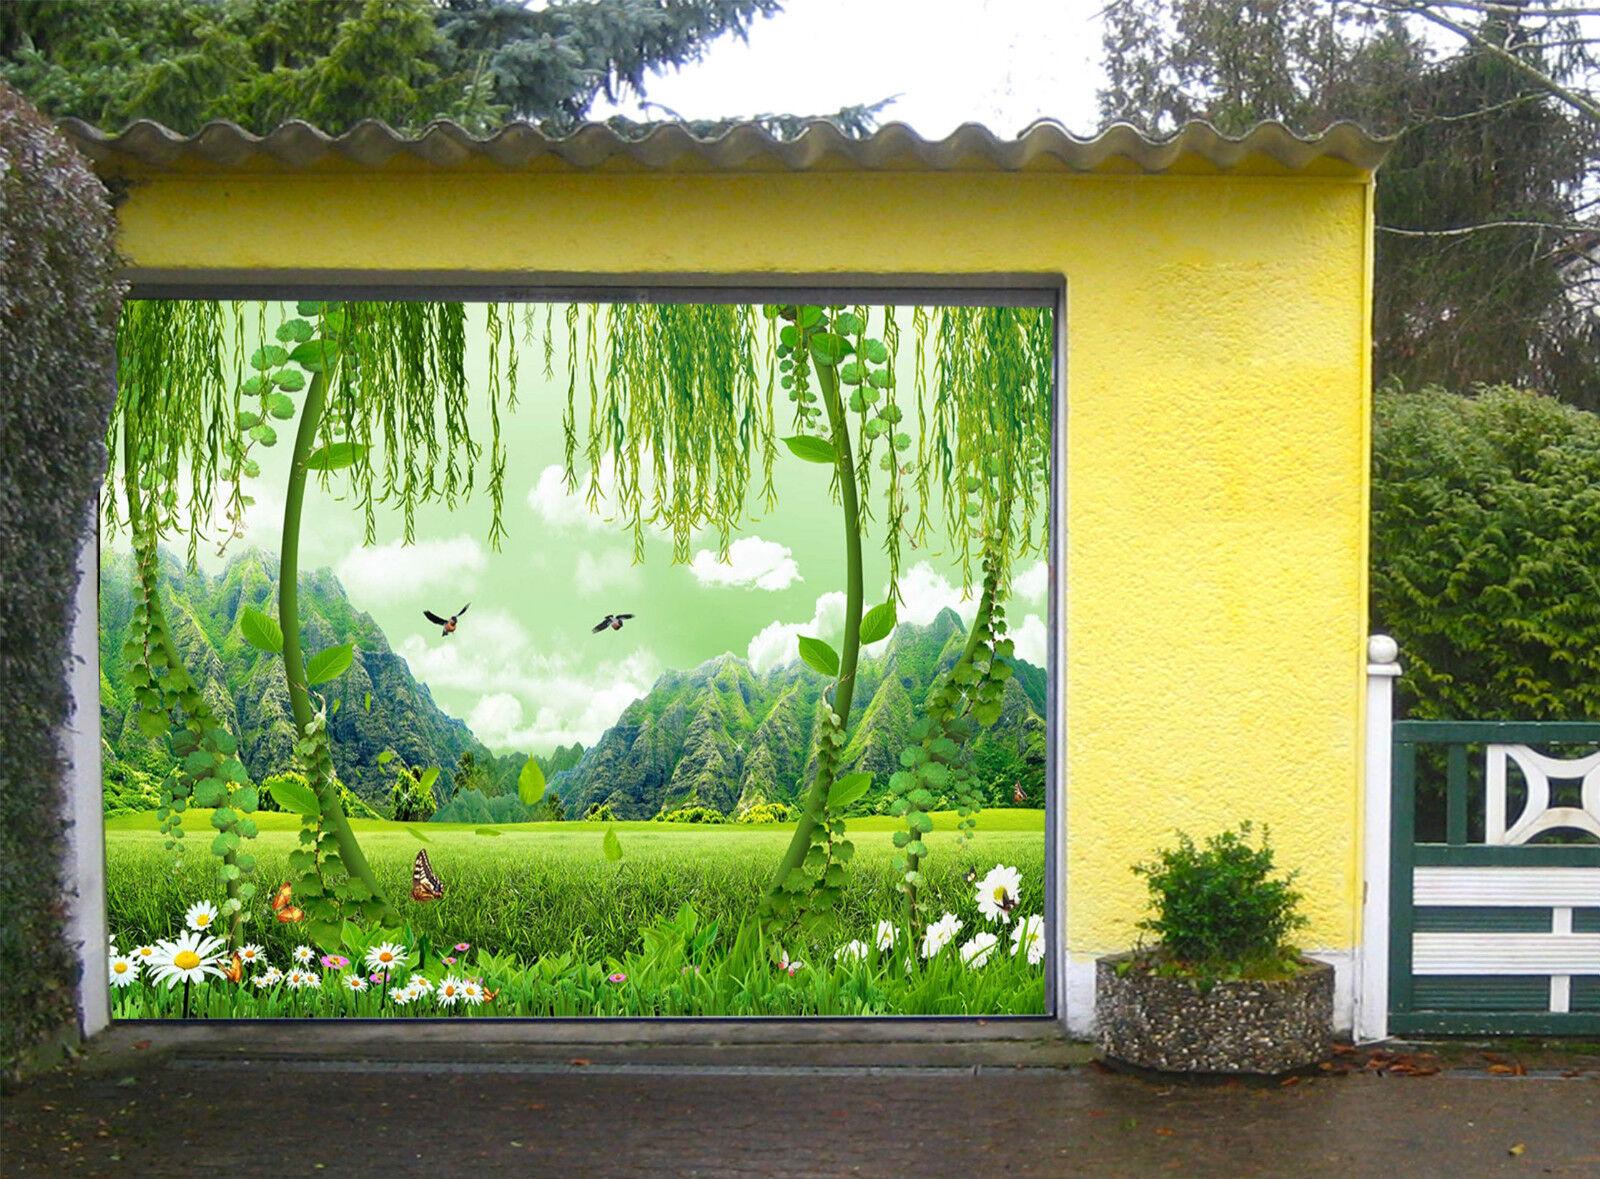 3D Grün Grassland Garage Door Murals Wall Print Decal Wall Deco AJ WALLPAPER IE